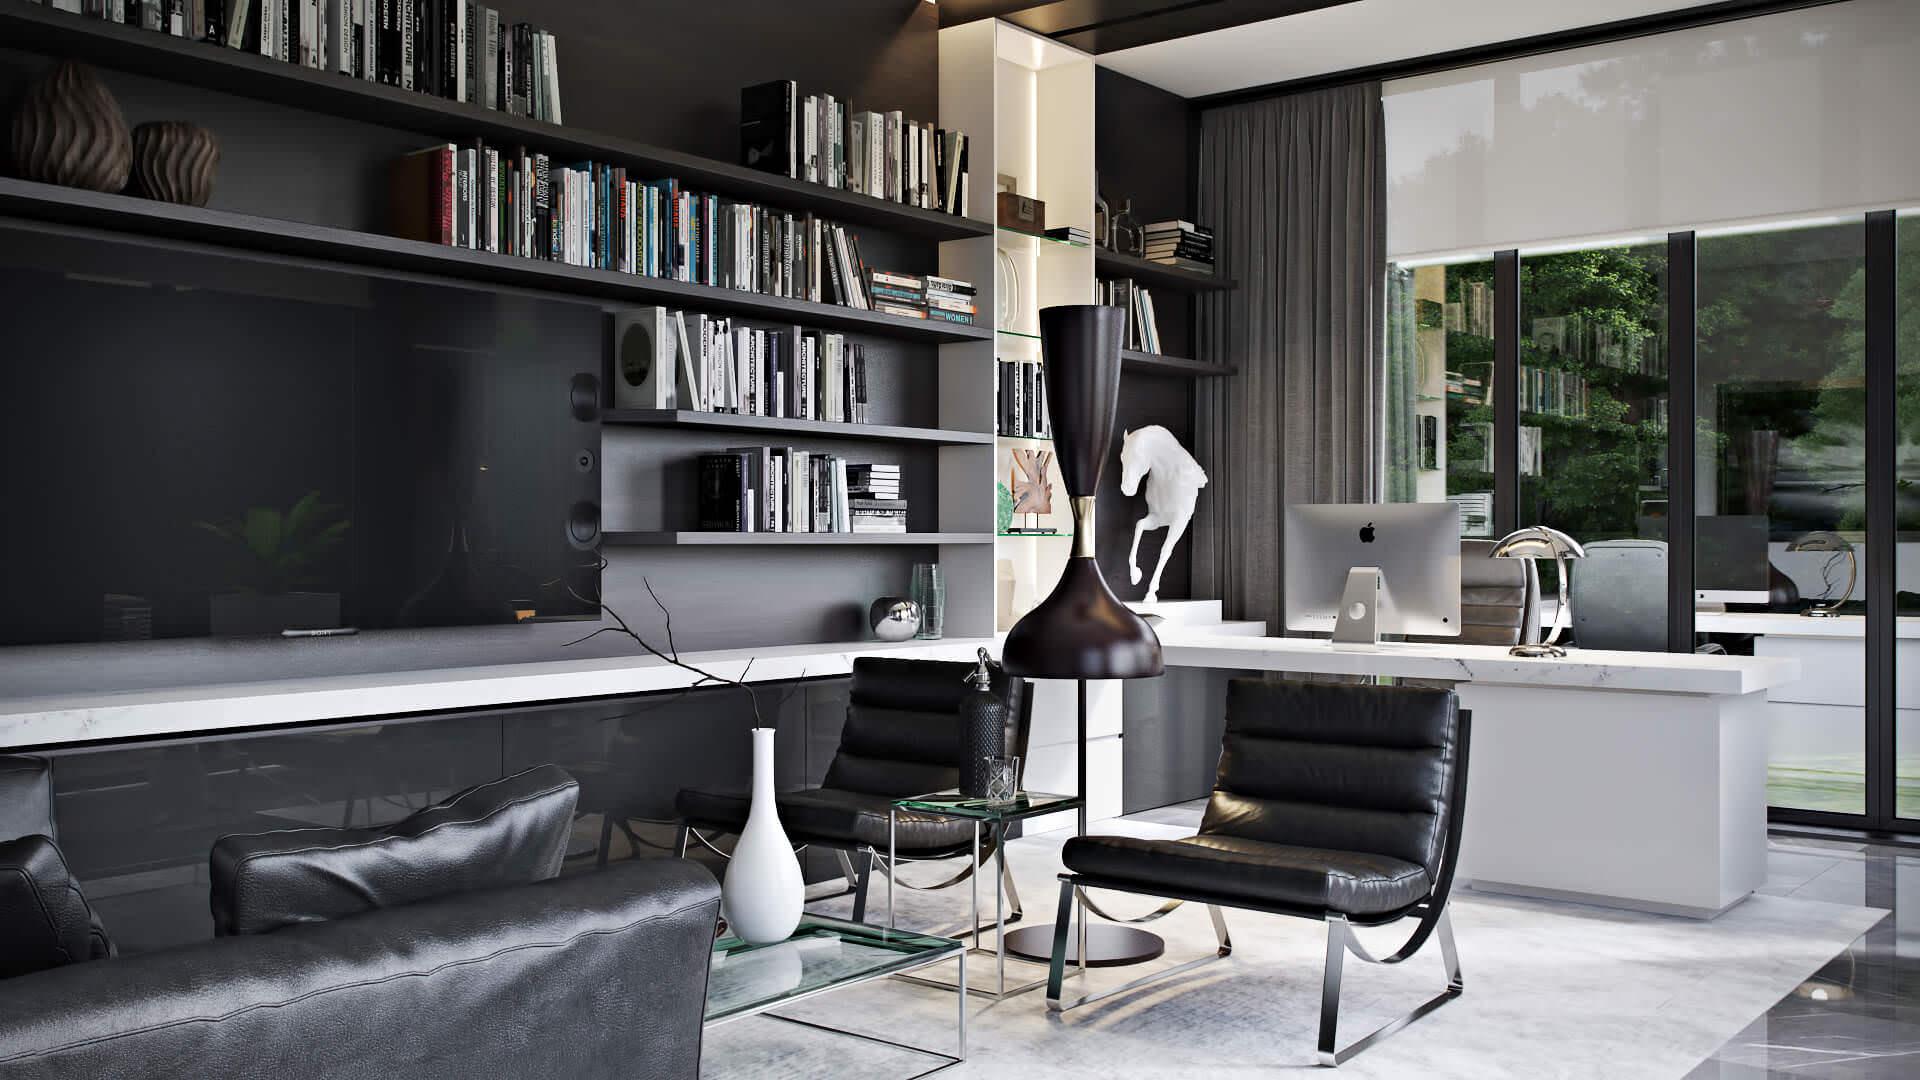 Office Furniture Design 3D Visualization